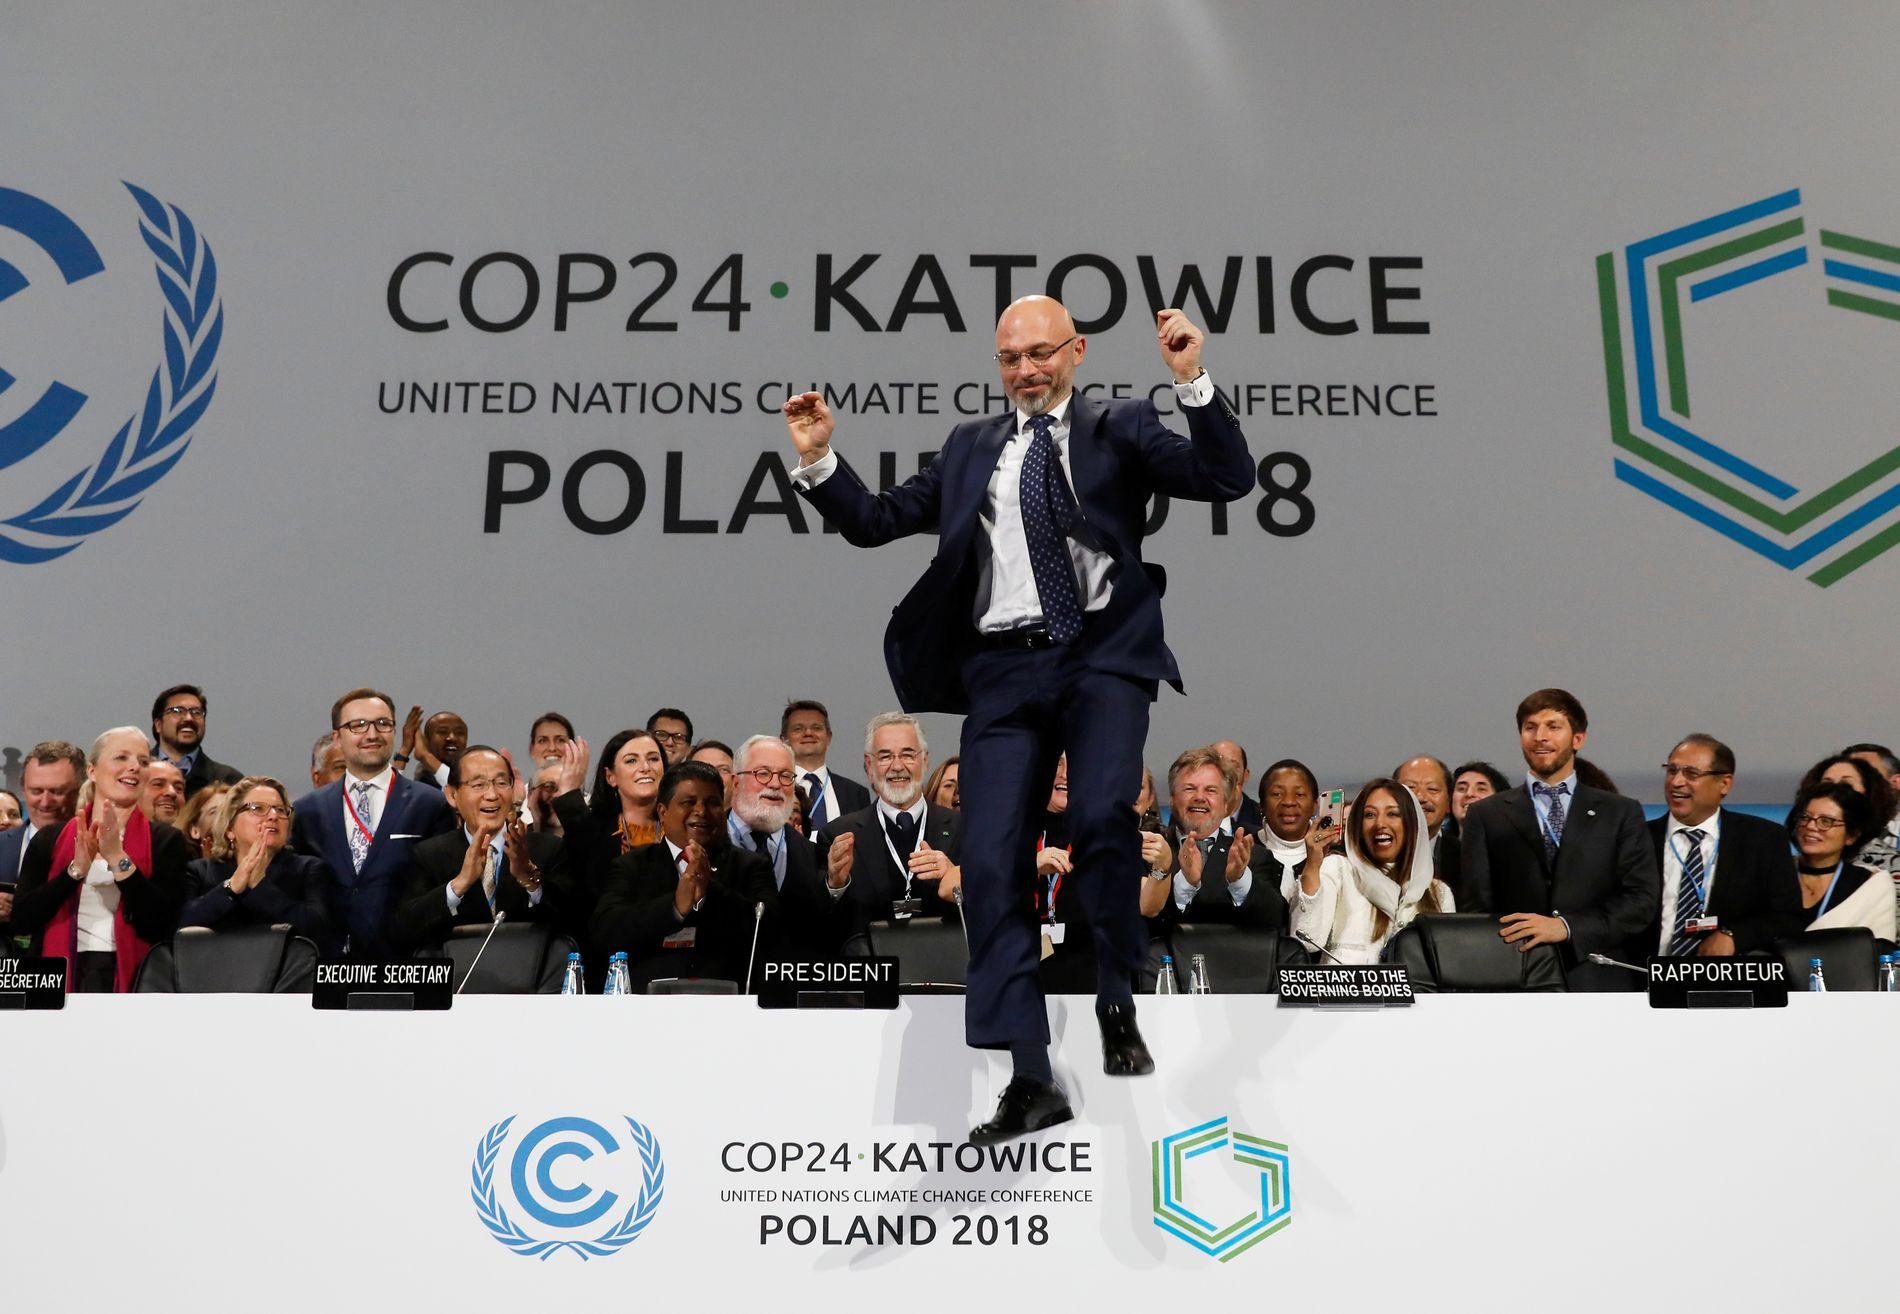 HOPPENDE GLAD: Michael Kurtyka, president for klimatoppmøtet, feirer enigheten om regelboken for Paris-avtalen lørdag.